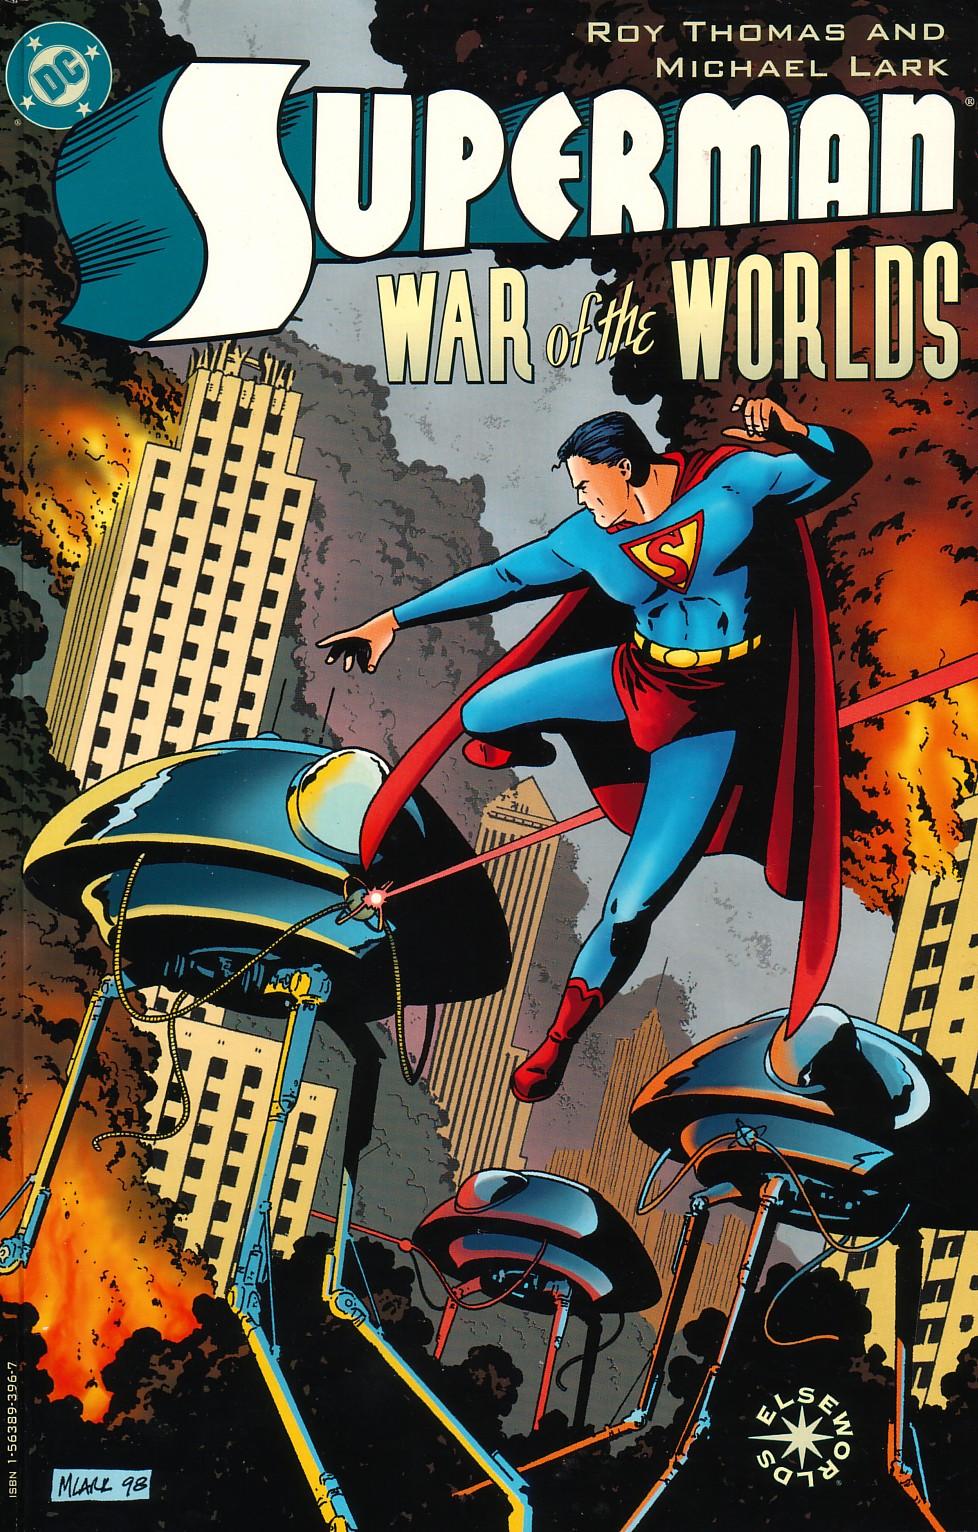 DC UNIVERSE PRESENTS BATMAN//SUPERMAN #1 Titan Comics UK Volume 1